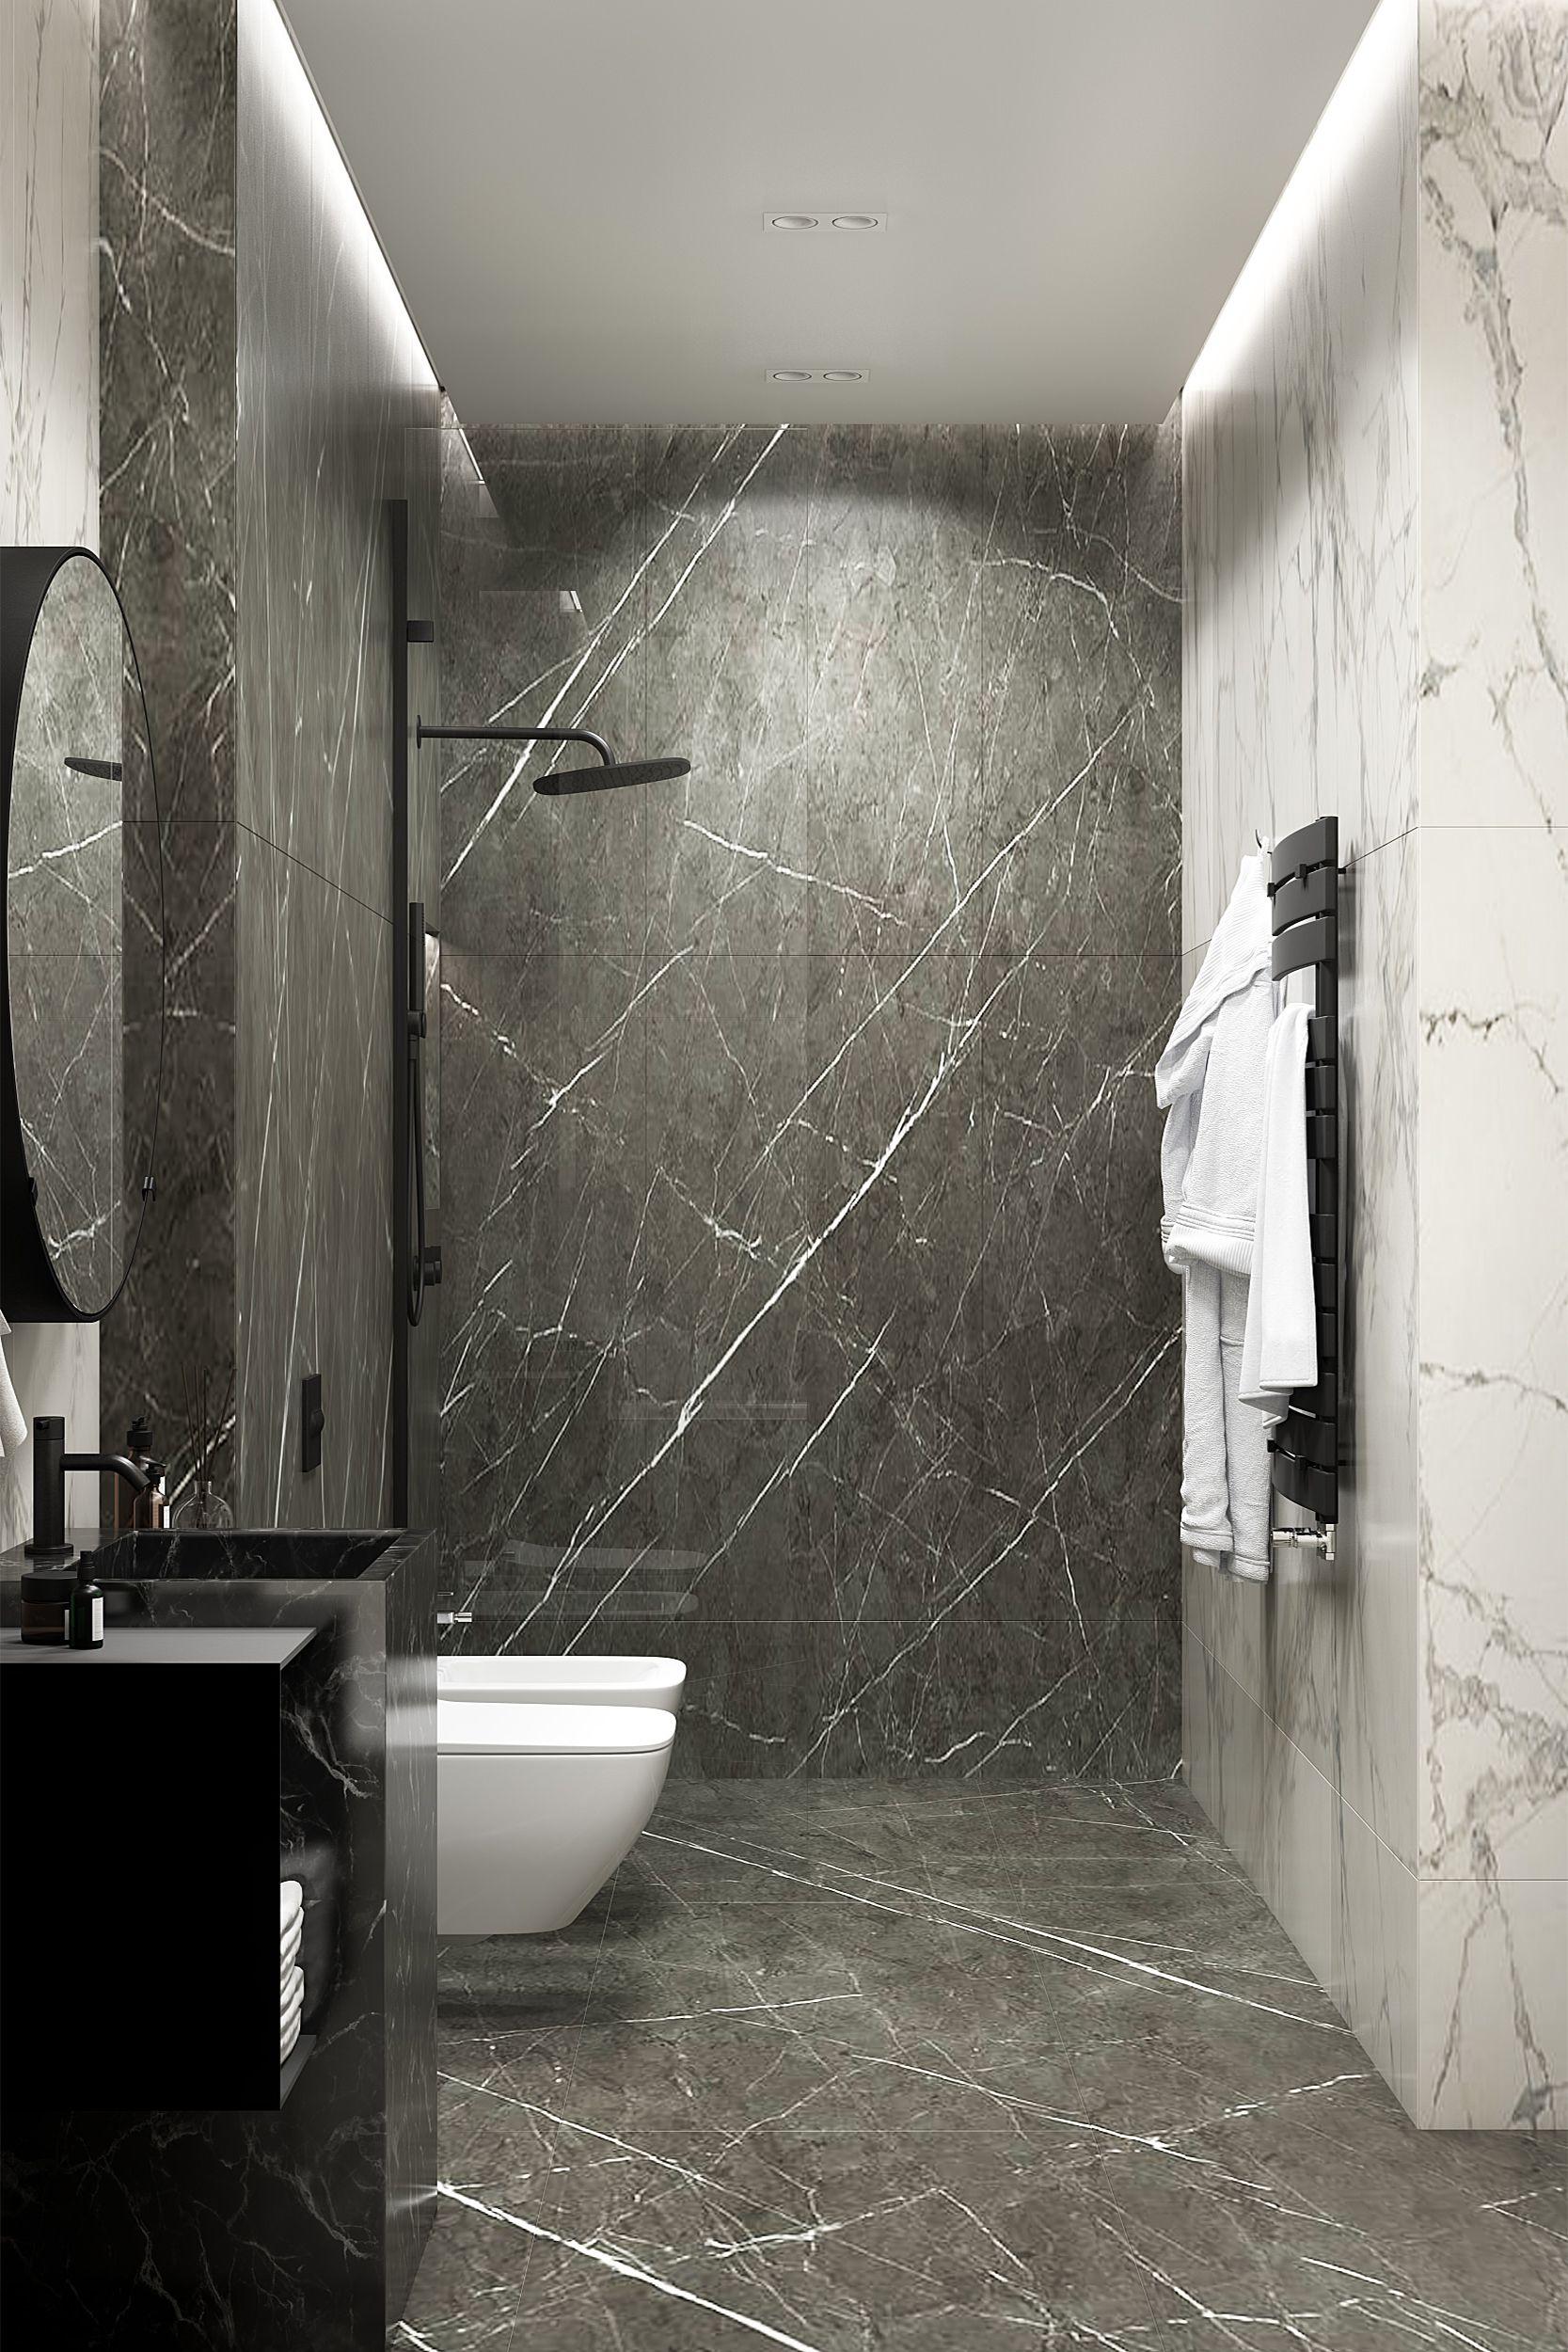 Cocoon Gunmetal Black Shower Mixer Set Combined With Marble Walls U Design Www Bycocoon Com Mit Bildern Stein Badezimmer